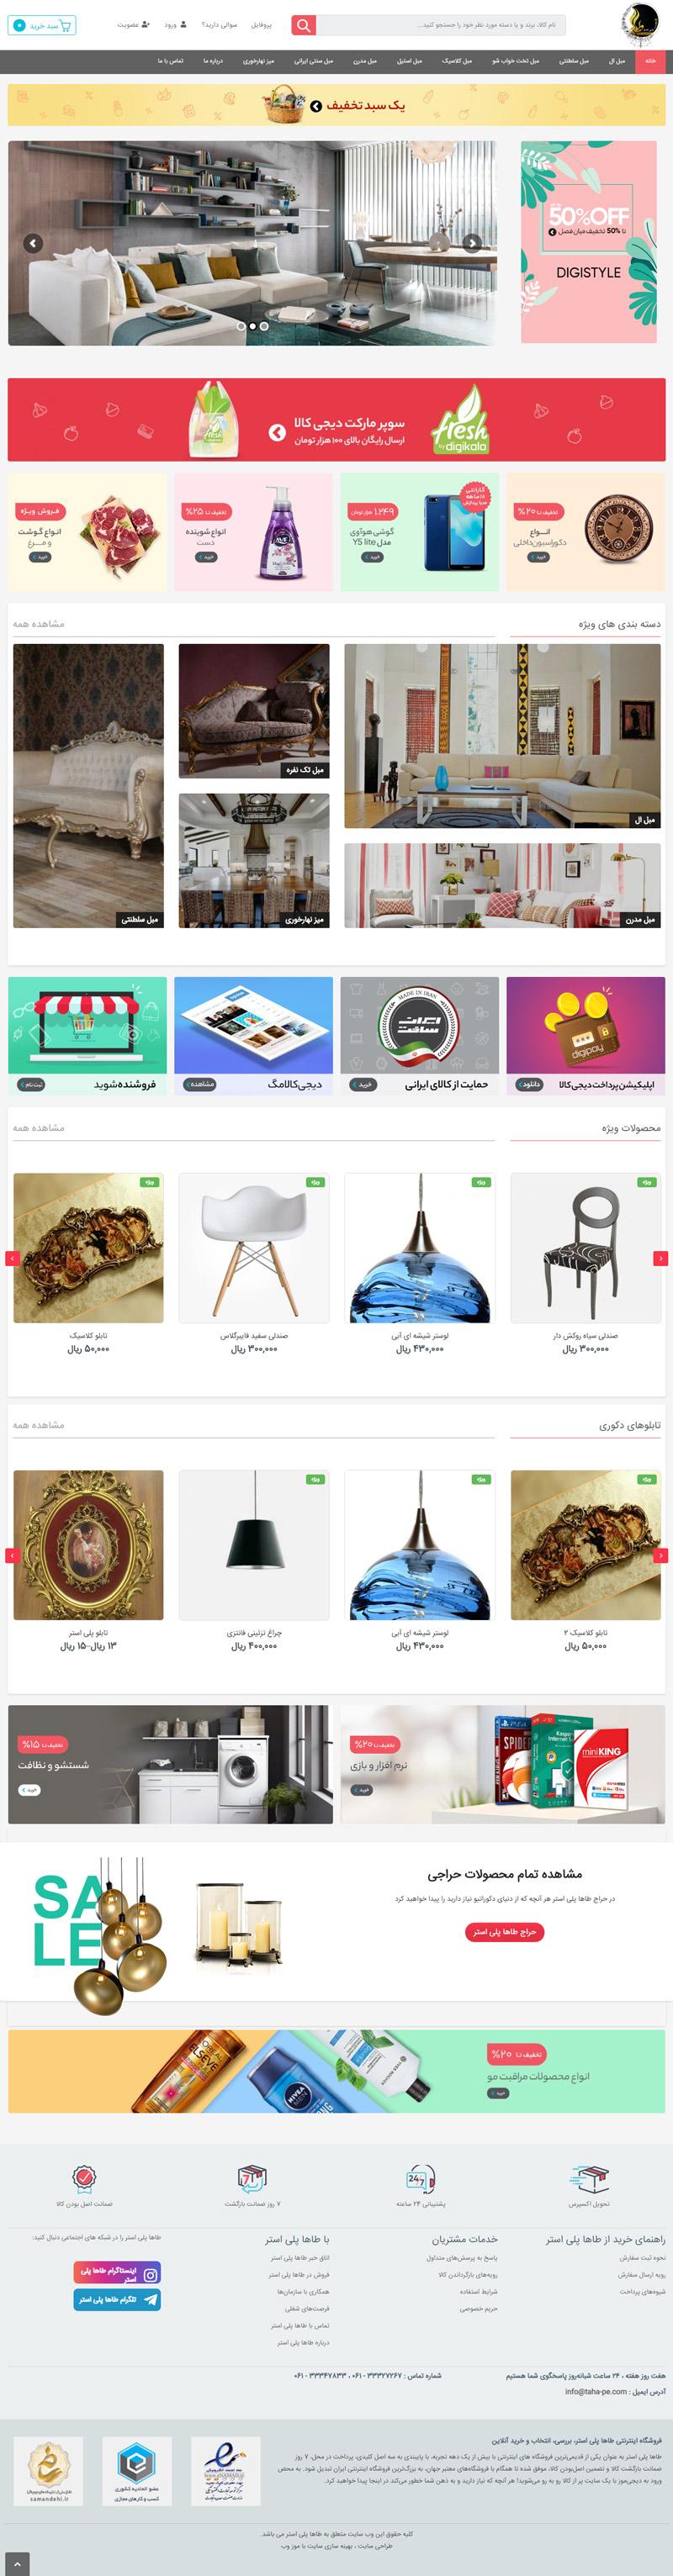 طراحی فروشگاه اینترنتی گروه طاها پلی استر مشابه دیجی کالا